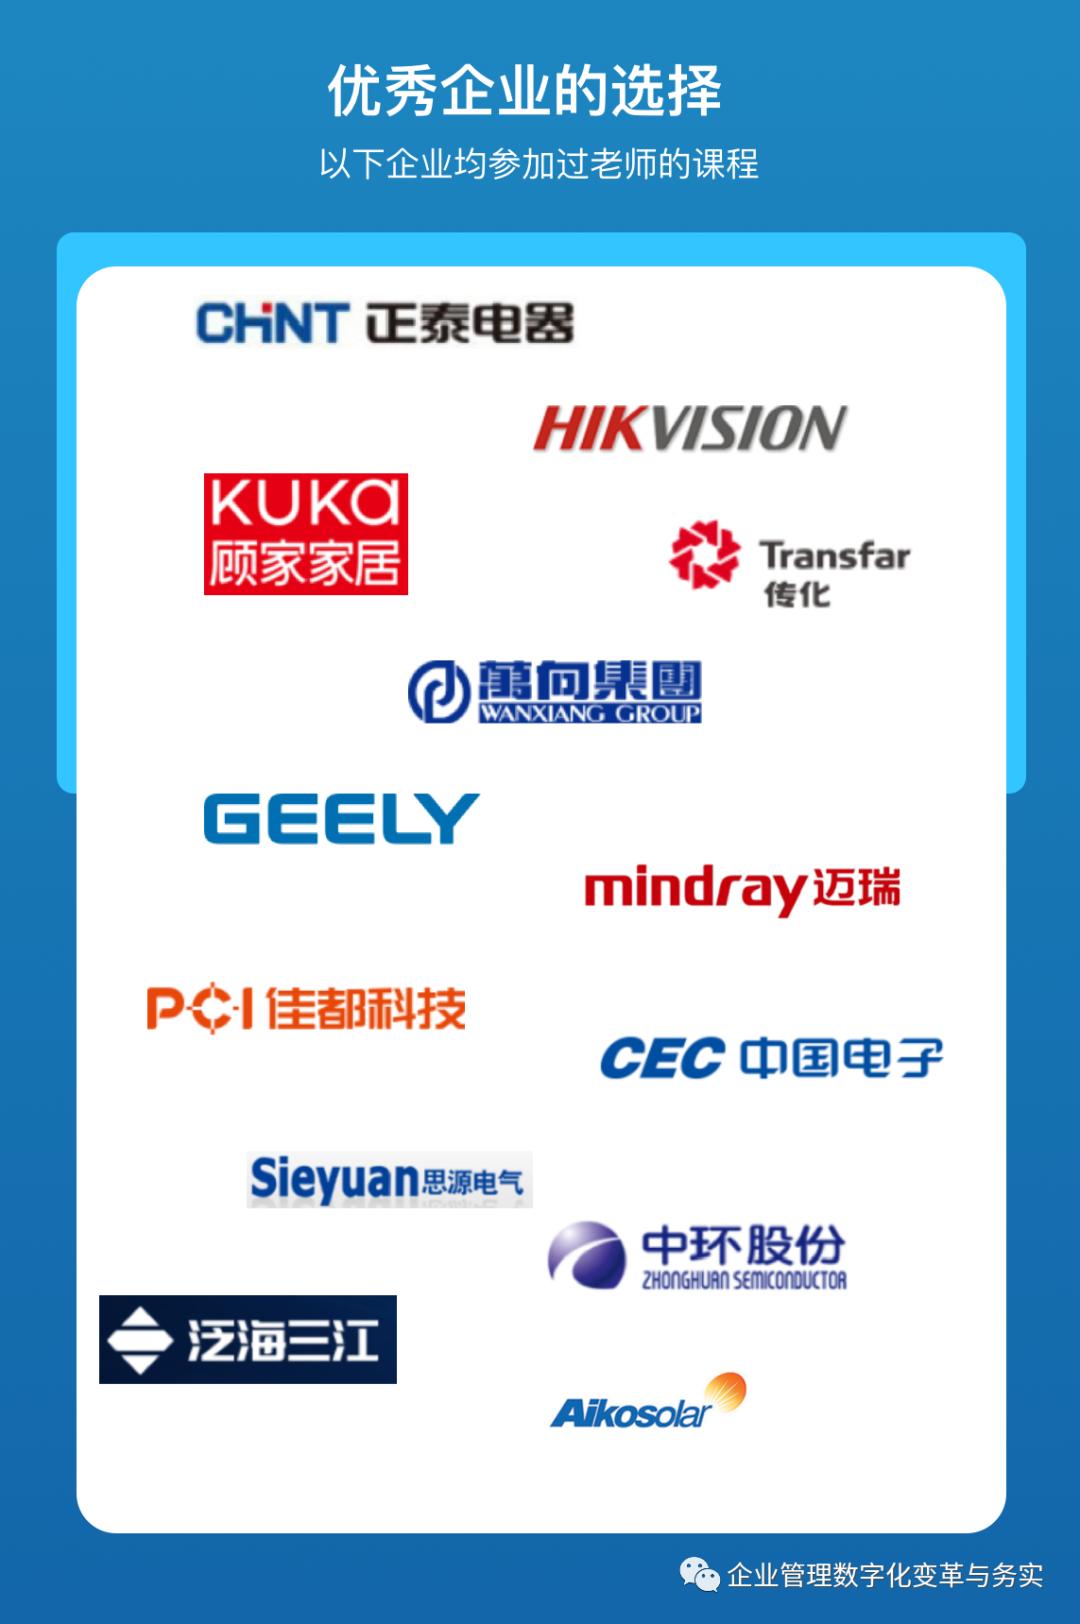 学习华为IPD/LTC/ITR三大业务流体系插图(26)